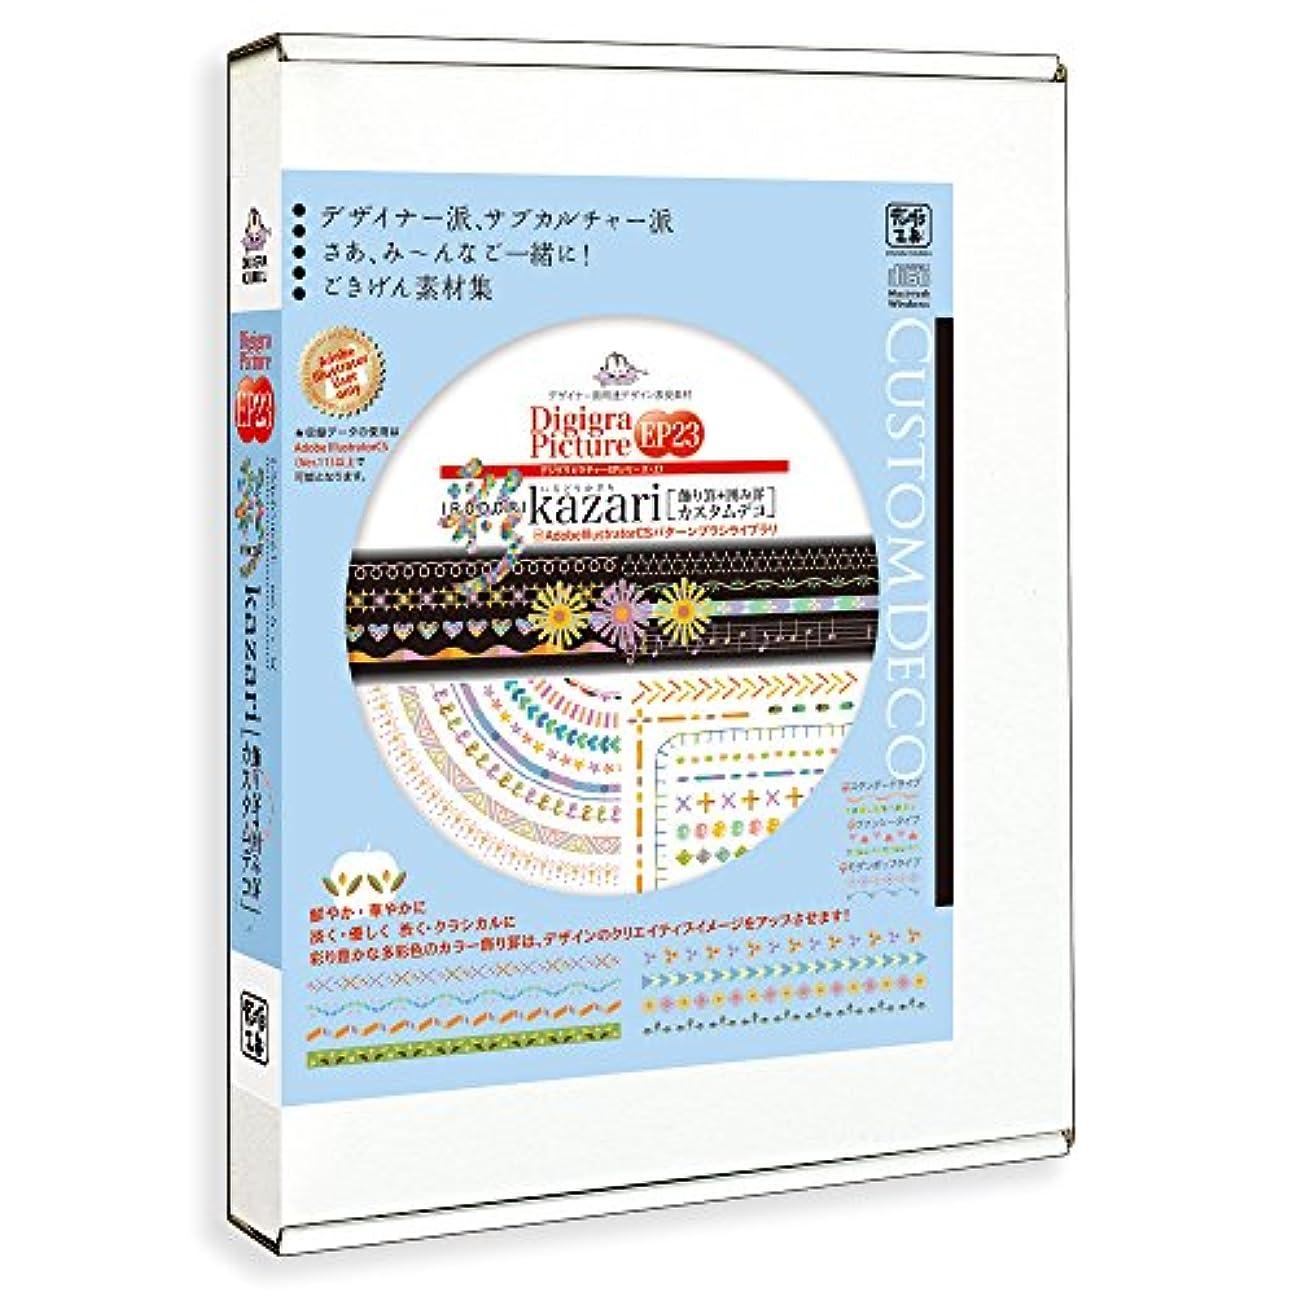 組み込むホイール計画的Digigra Picture EP23 彩kazari [飾り罫+囲み罫/カスタムデコ]